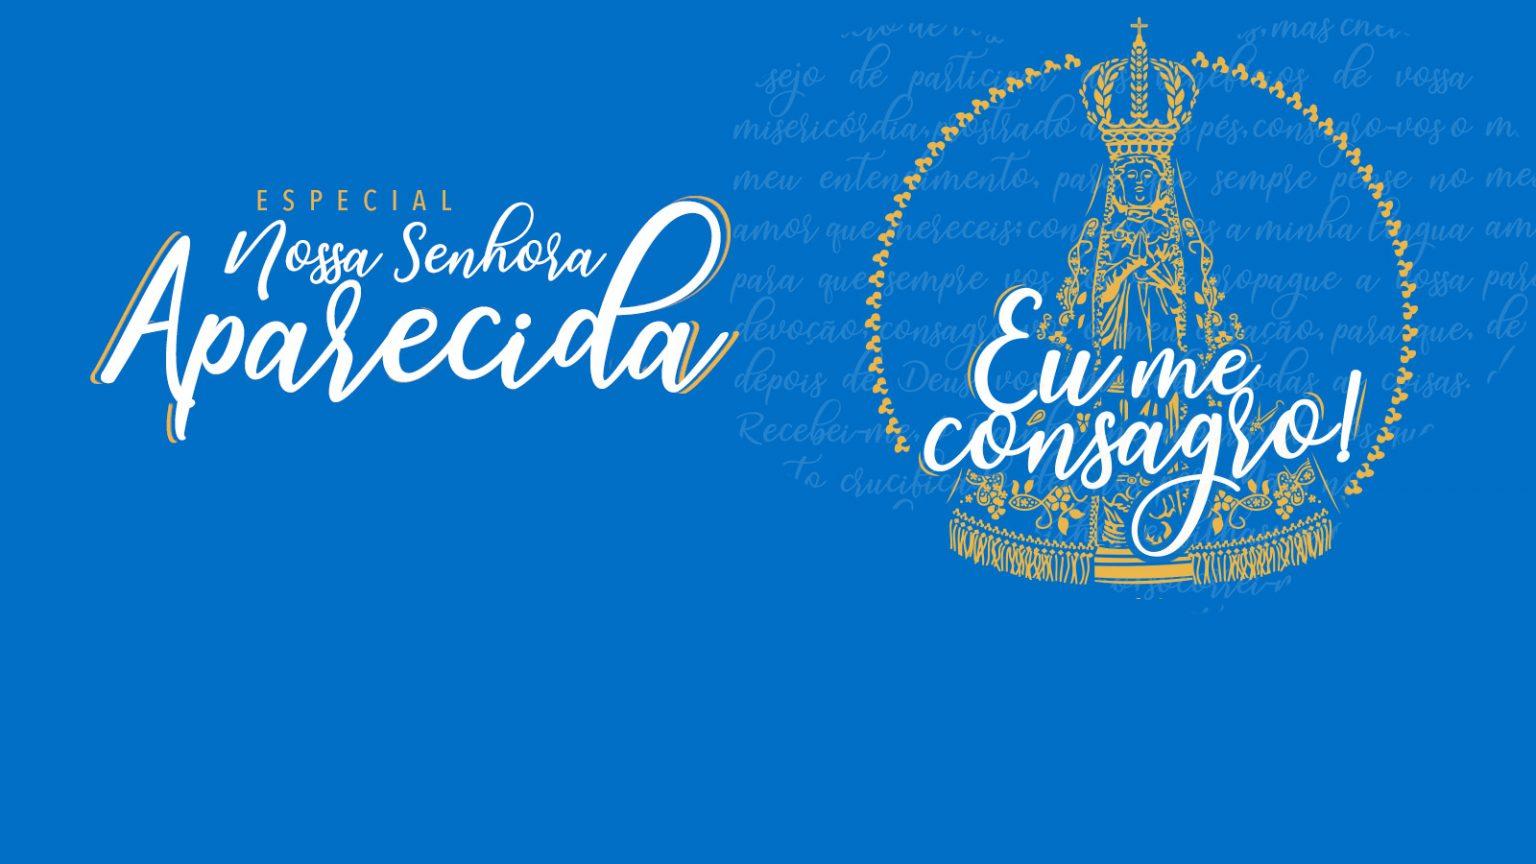 1600x1200Especial-Nossa-Senhora_LOJA-1536x864.jpg